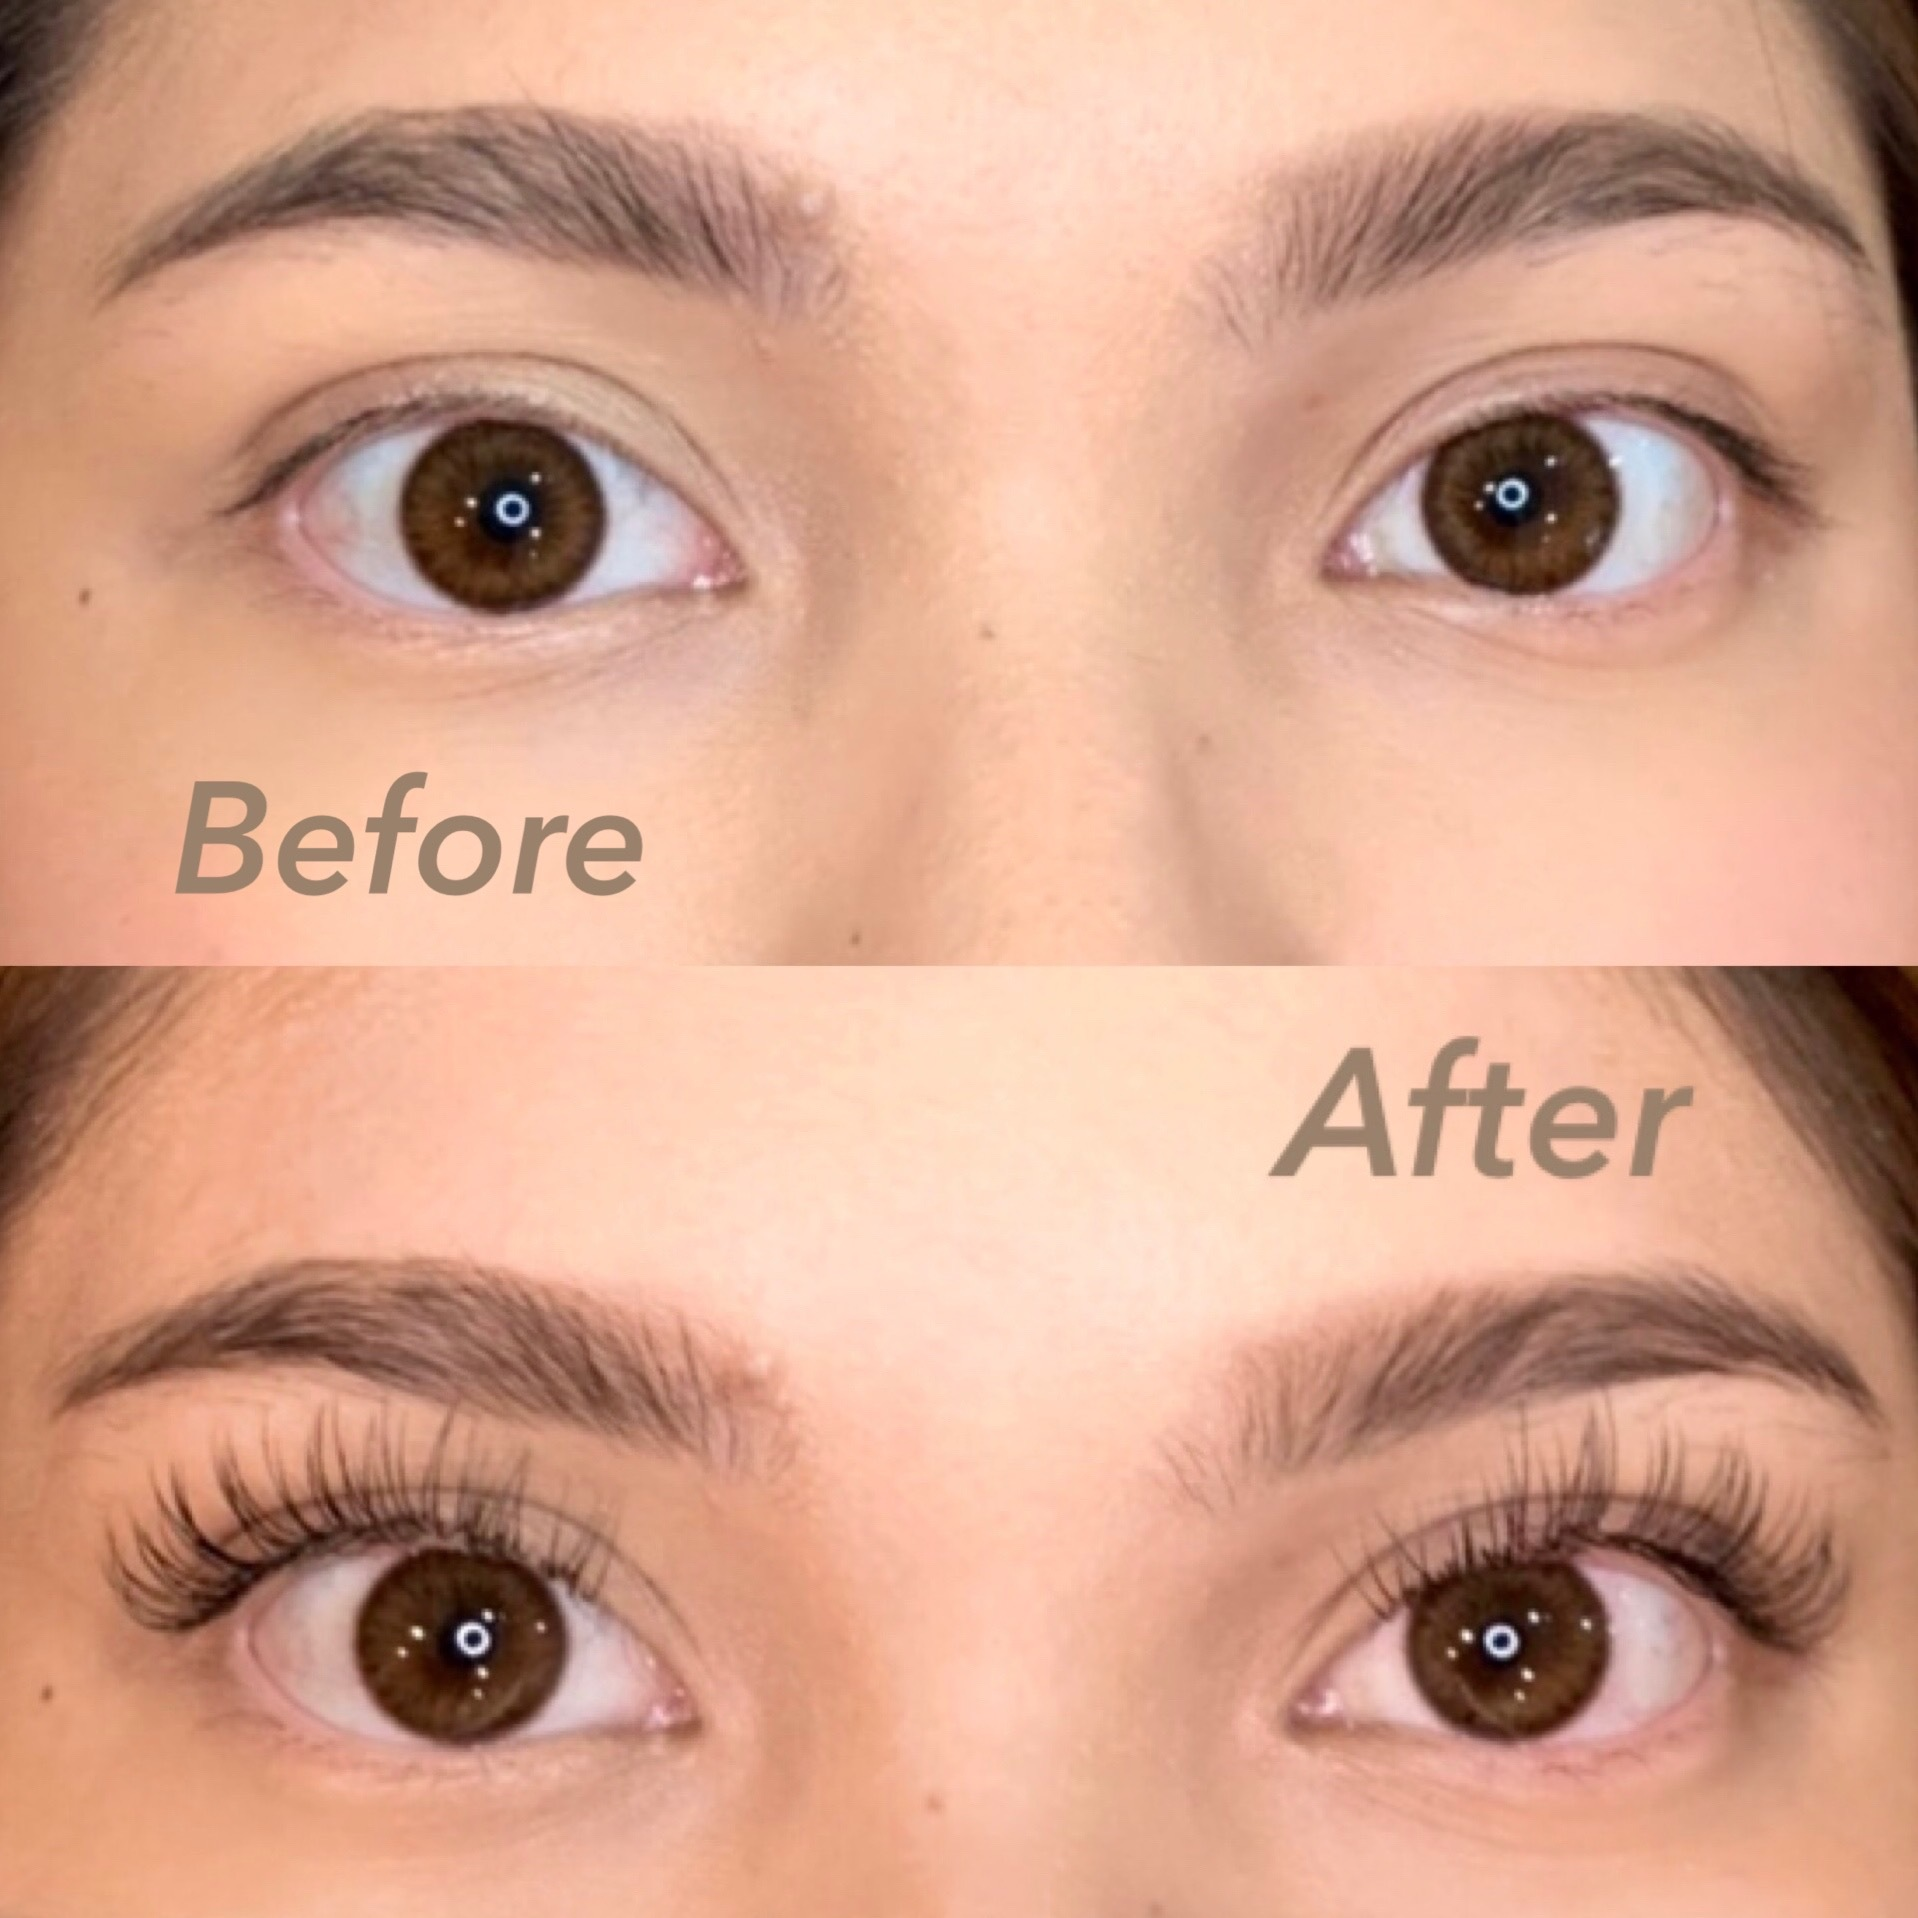 Luna Room - [REVIEW] รีวิวบริการต่อขนตา เส้นต่อเส้น (ไม่จำกัดจำนวนเส้น)